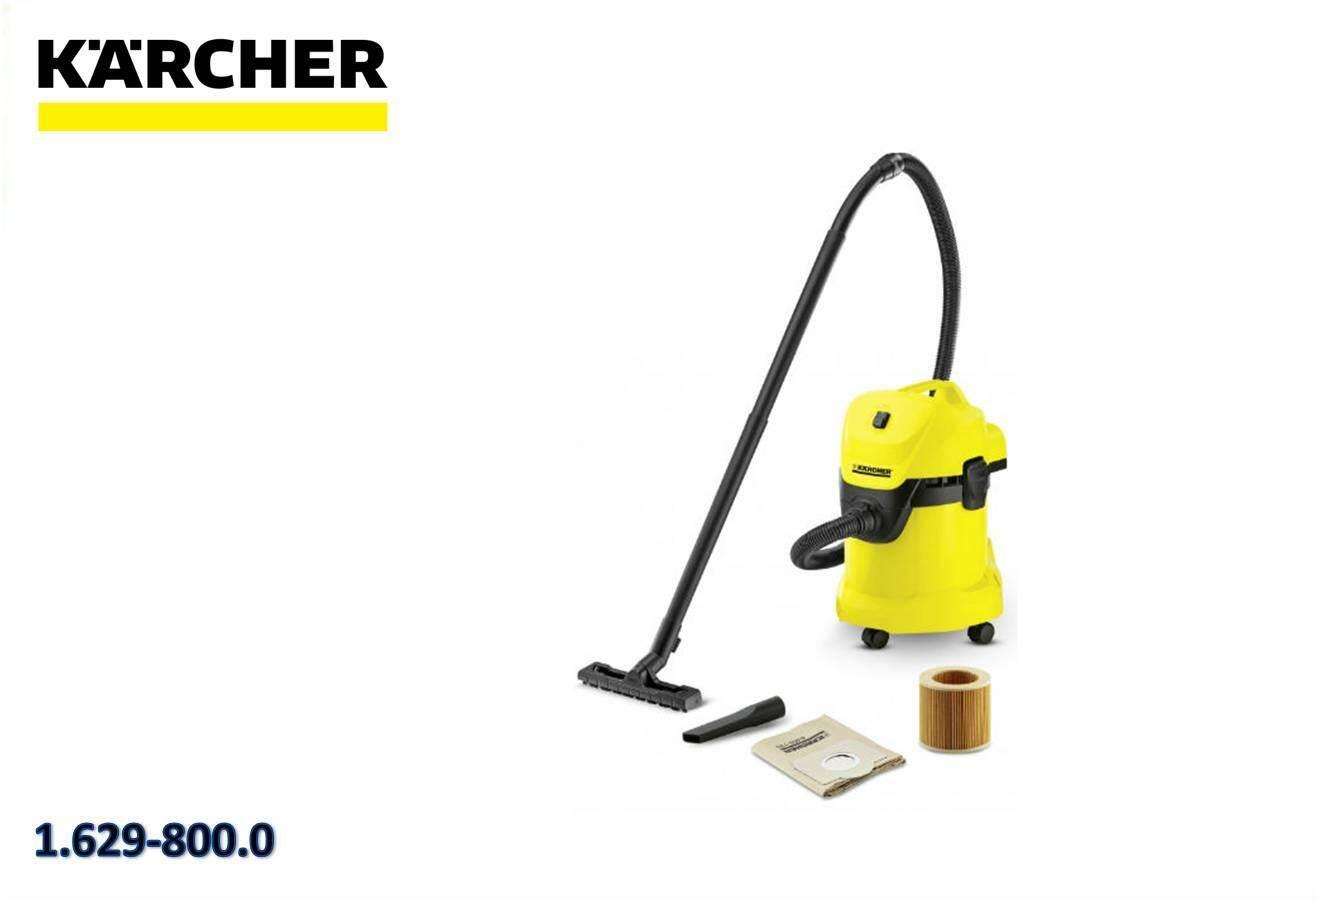 Karcher WD3-17L Wet & Dry Vacuum Cleaner 2/4M 5.4KG 1400W 240V 1.629-800.0